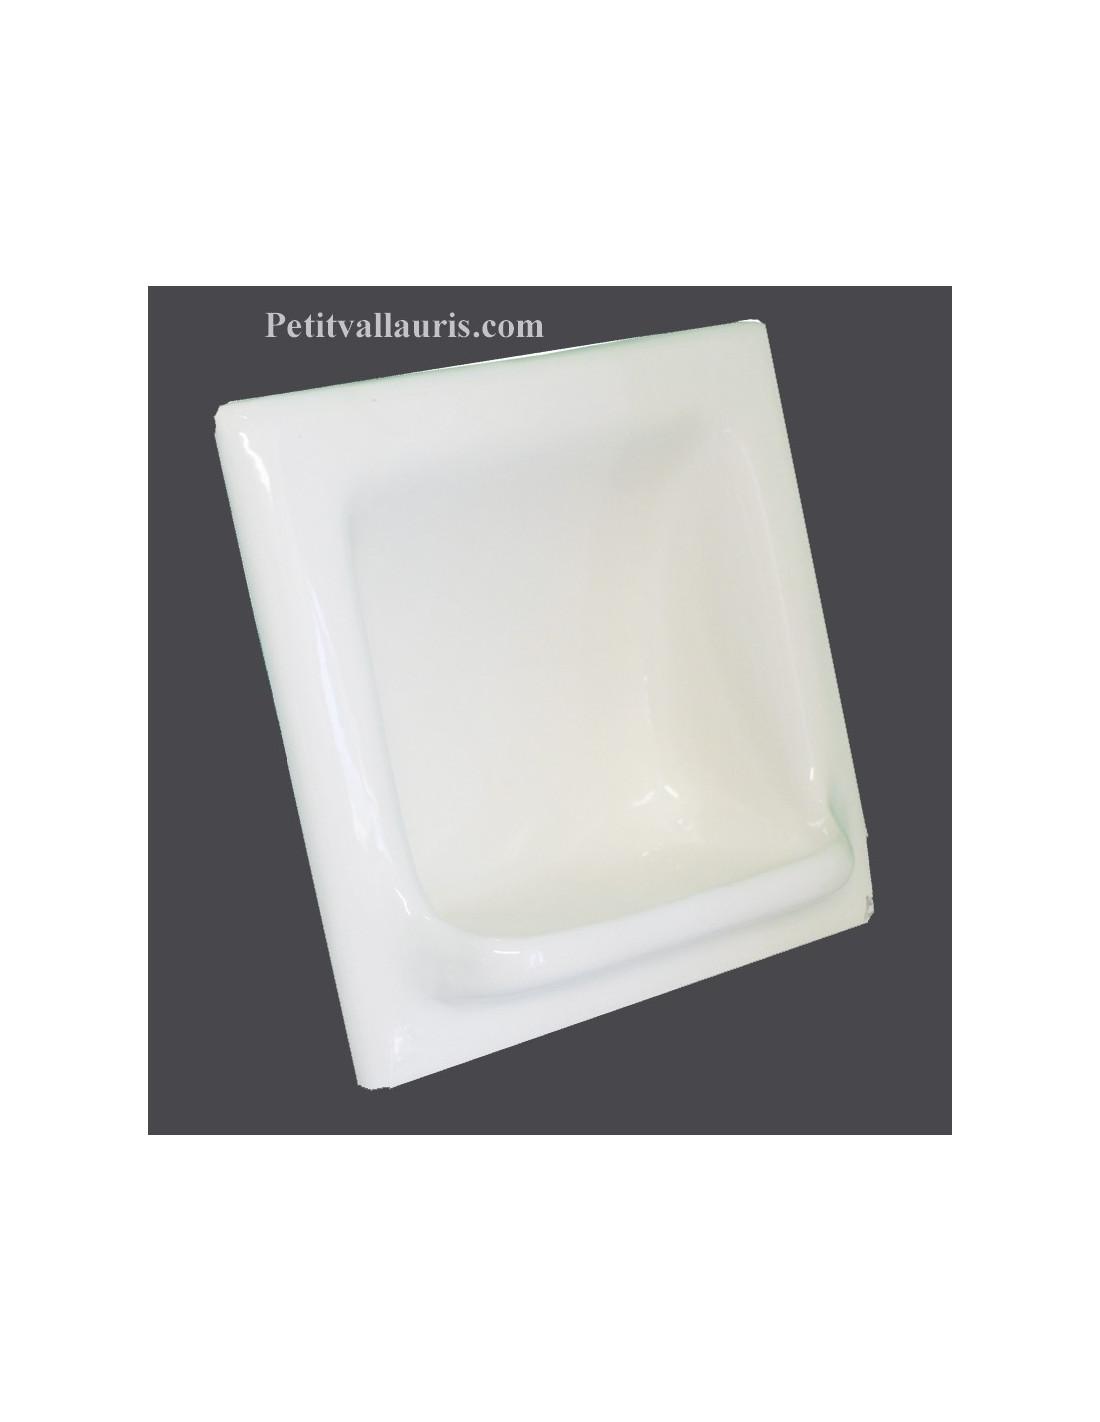 Porte savon en faience mod le carr encastrer maill uni blanc brillant le petit vallauris - Porte savon mural ceramique ...